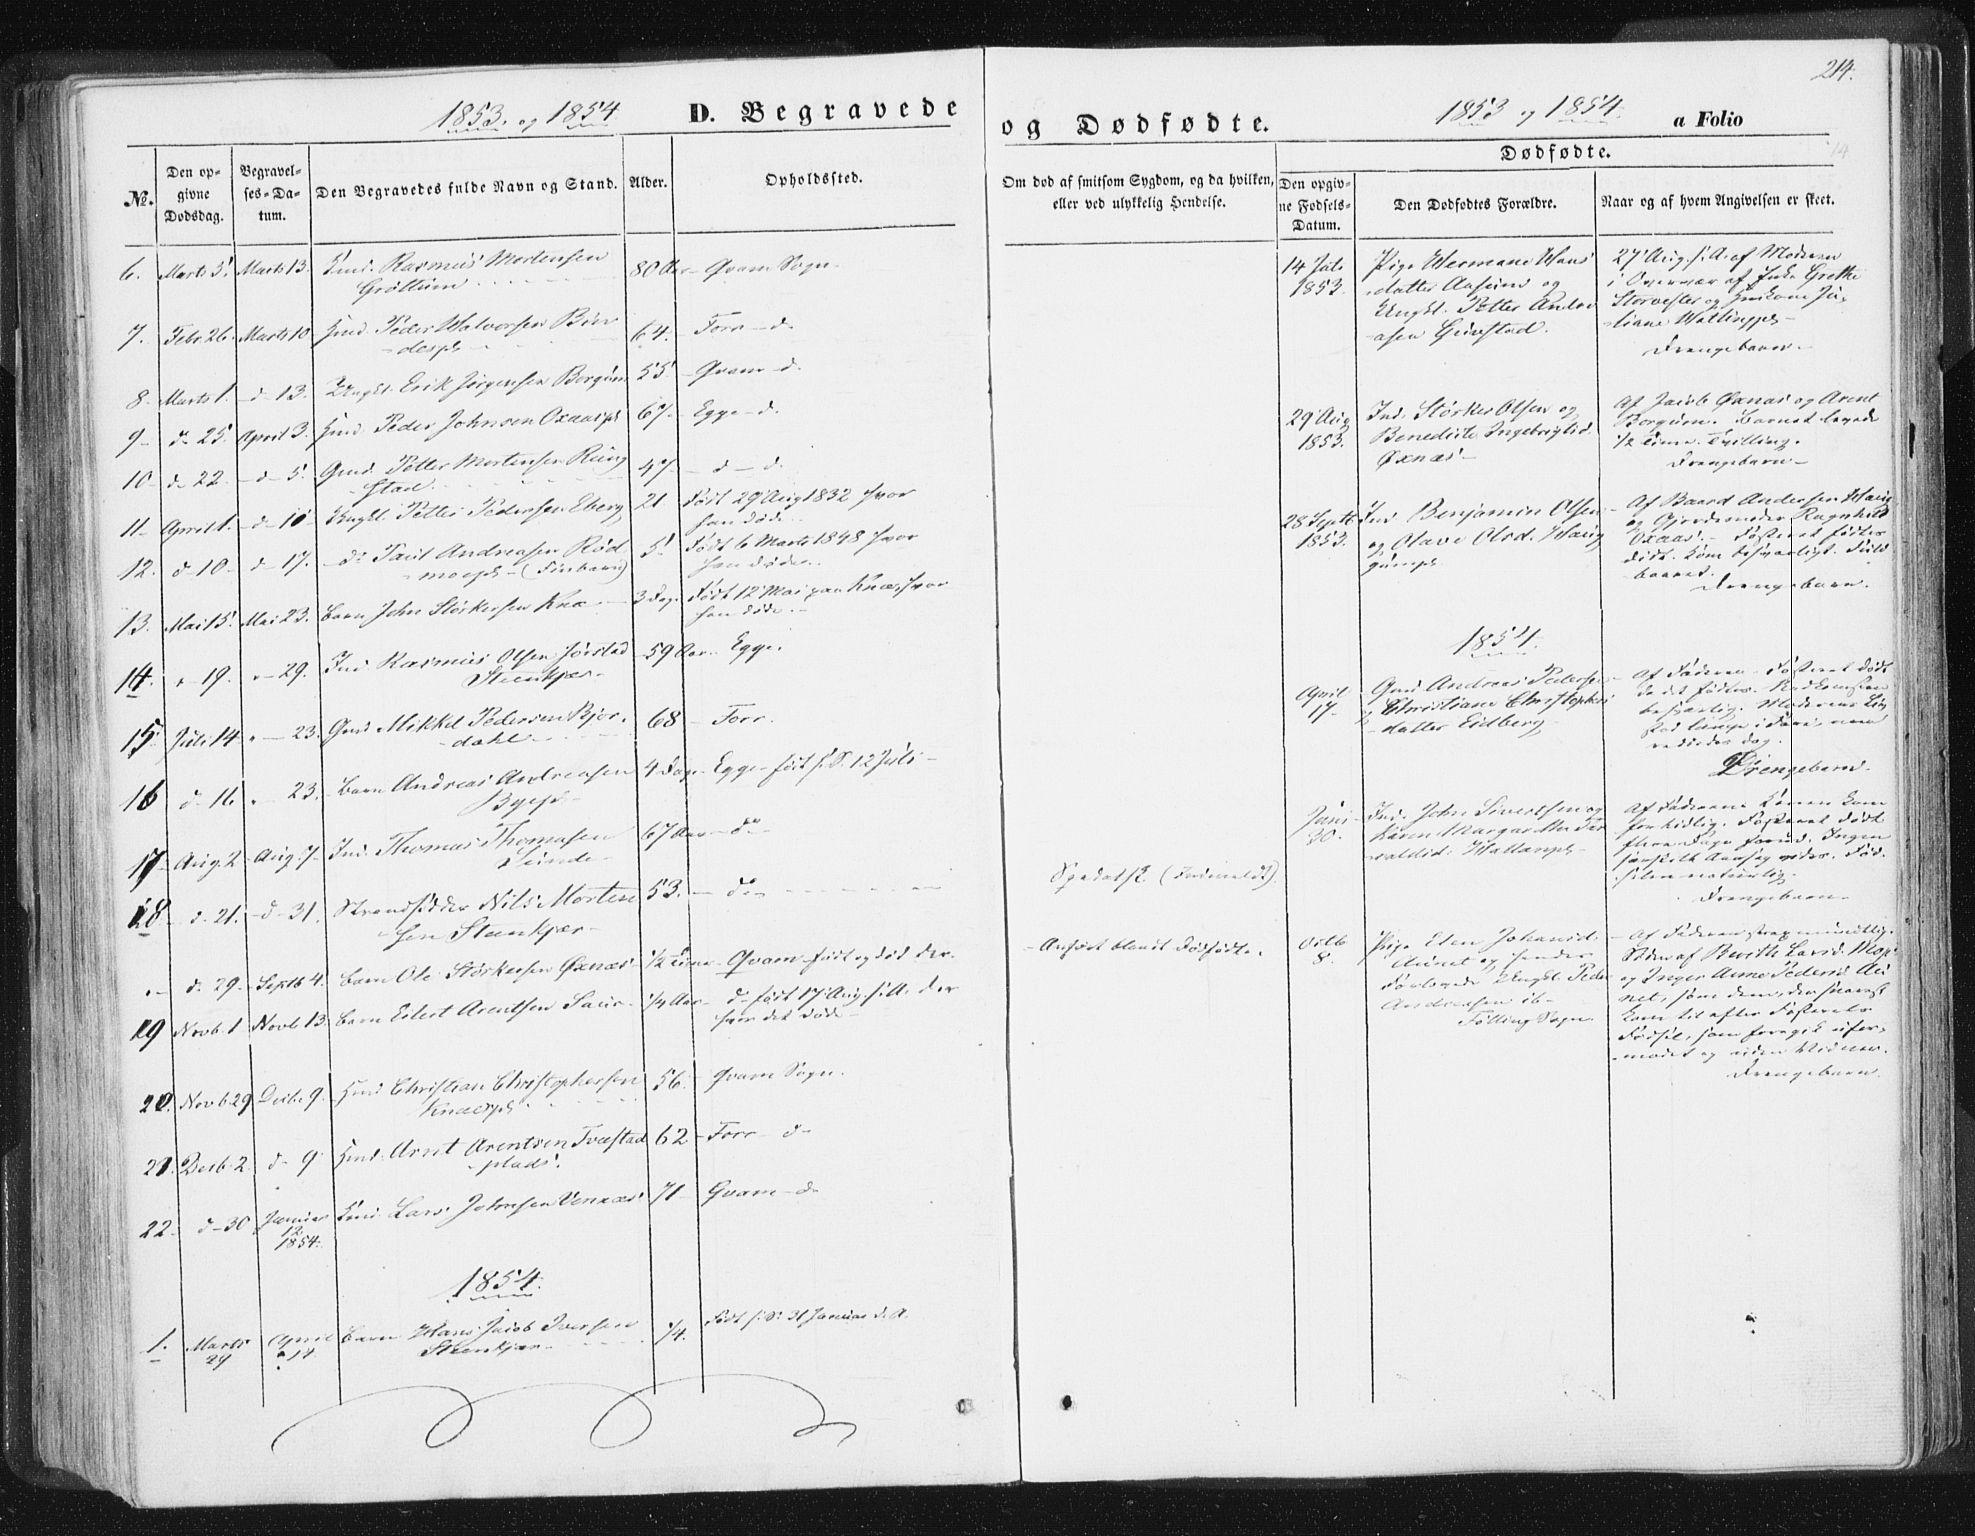 SAT, Ministerialprotokoller, klokkerbøker og fødselsregistre - Nord-Trøndelag, 746/L0446: Ministerialbok nr. 746A05, 1846-1859, s. 214